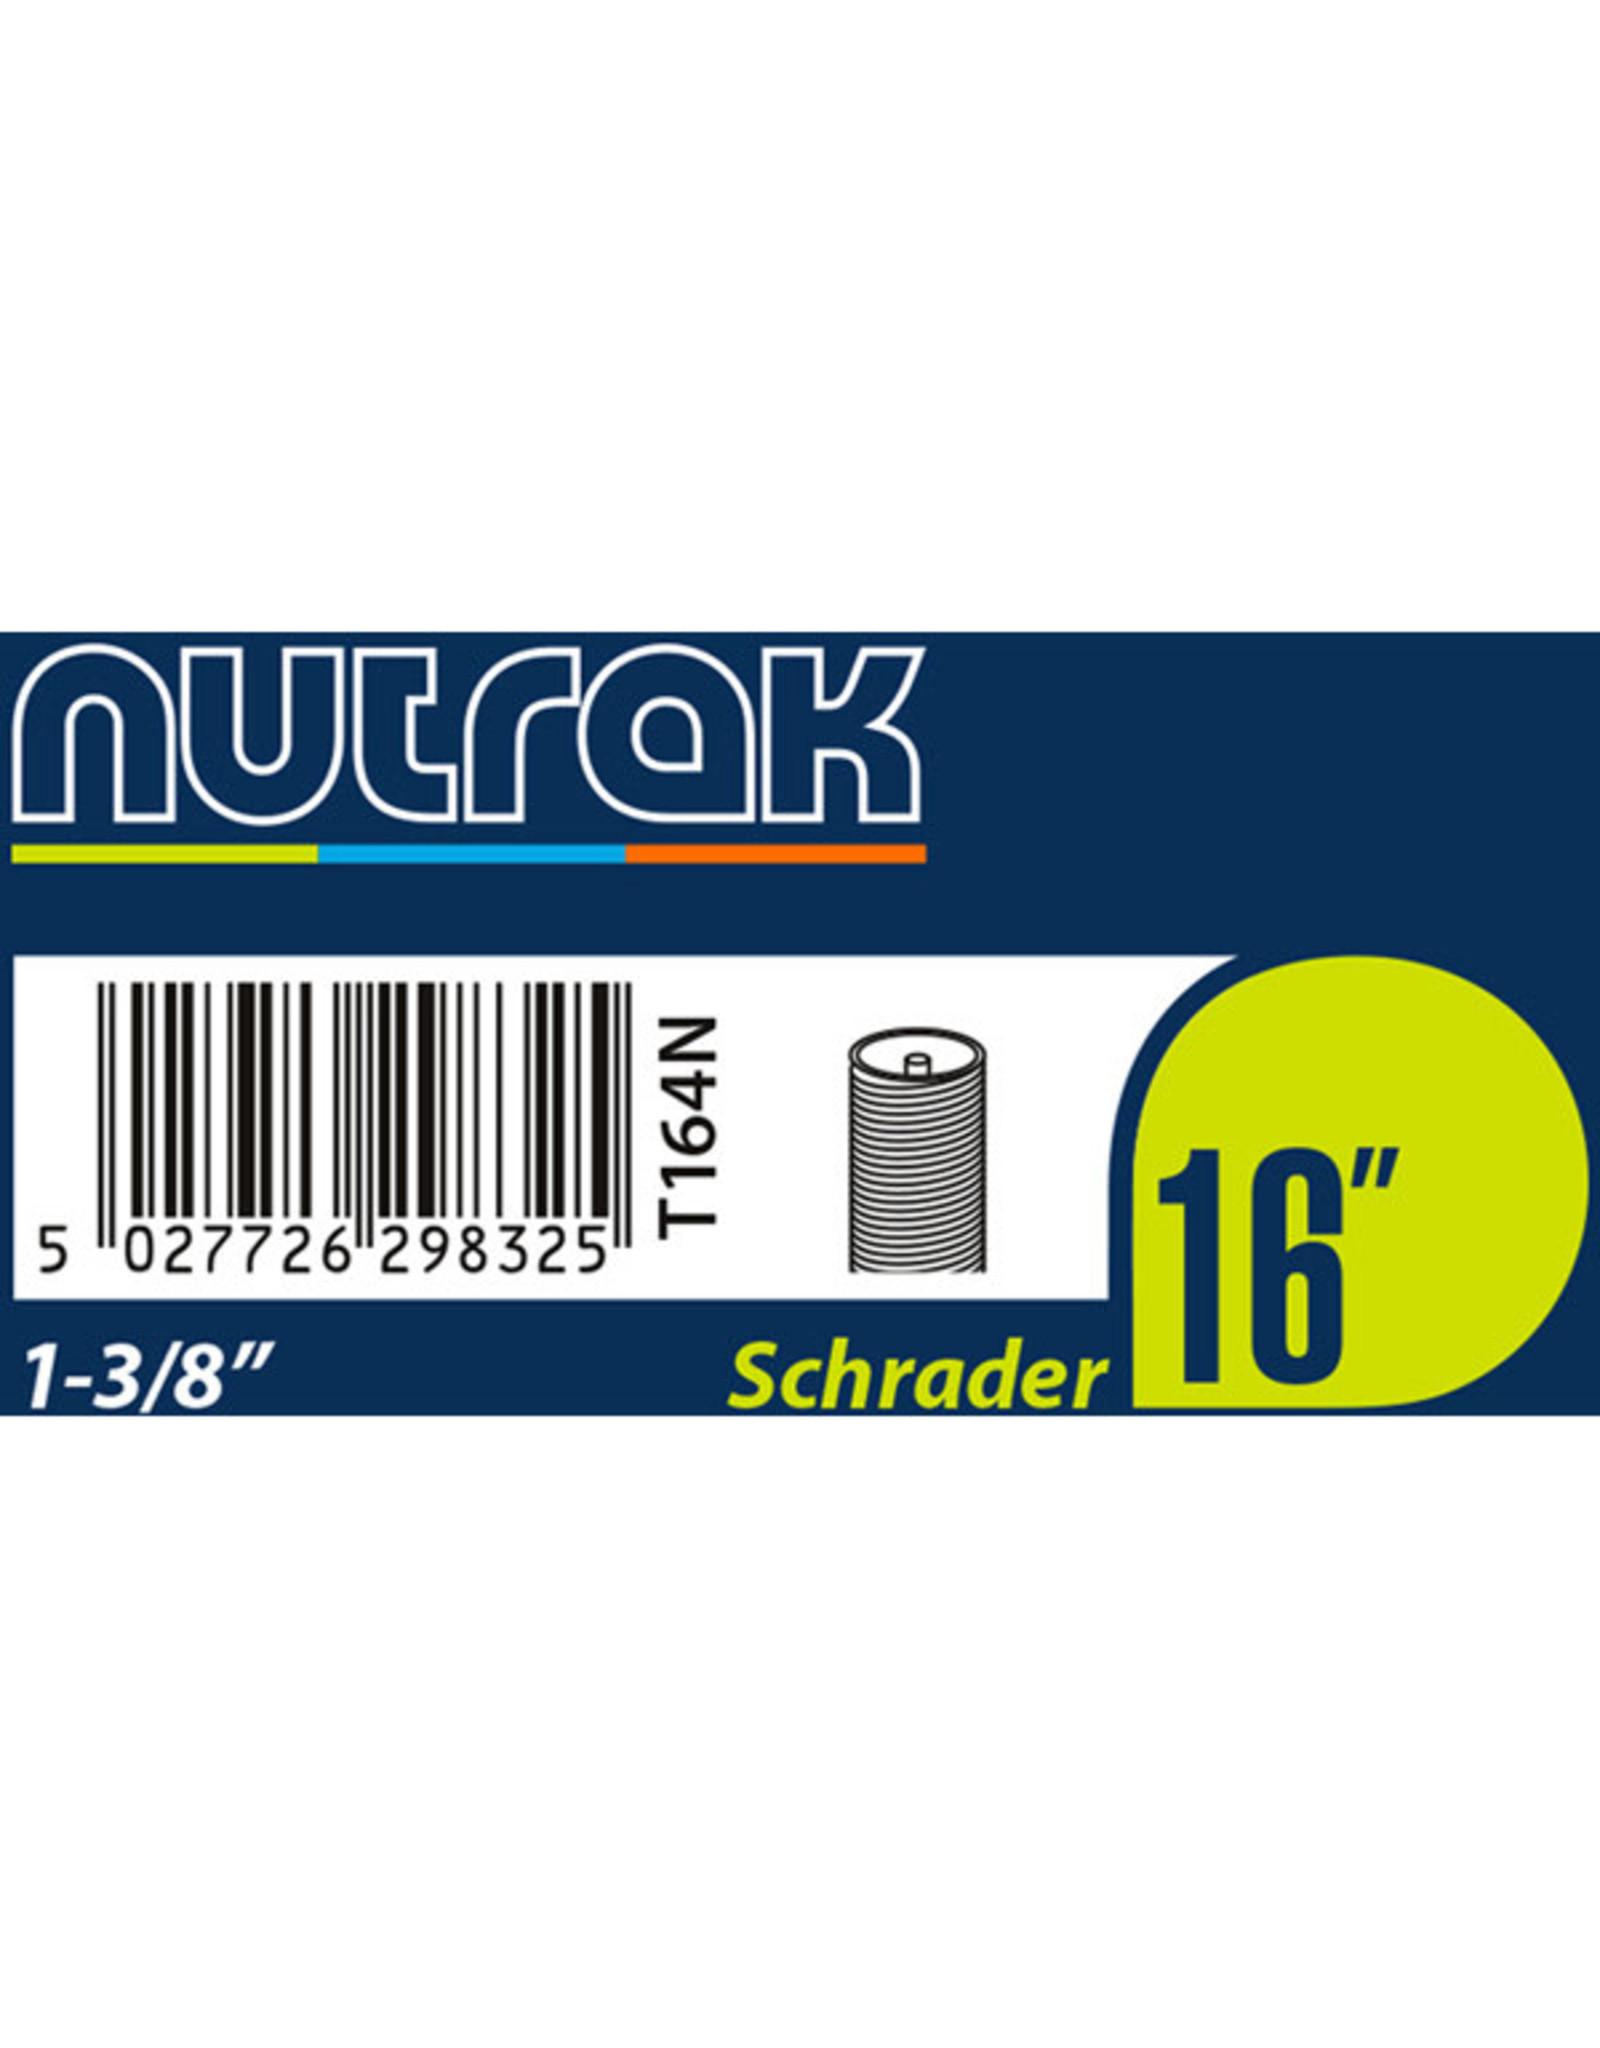 Nutrak Inner Tube Schrader Nutrak 16 x 1 3/8